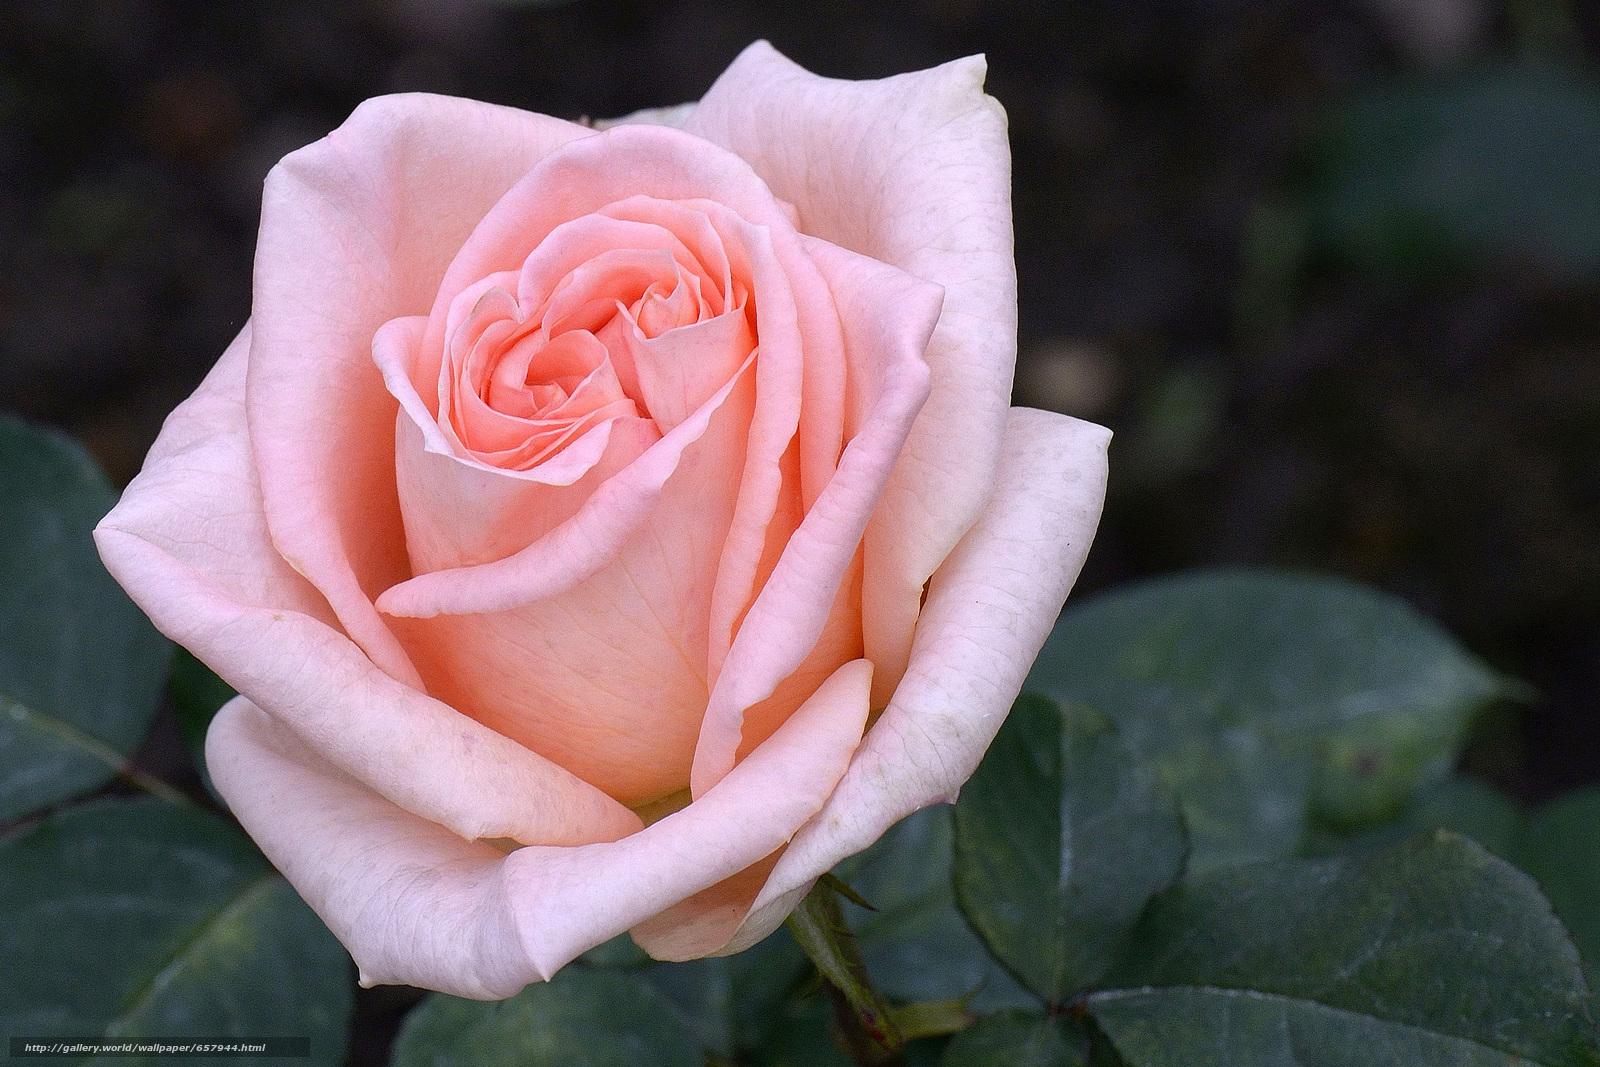 Скачать обои роза,  розы,  цветок,  цветы бесплатно для рабочего стола в разрешении 3494x2329 — картинка №657944